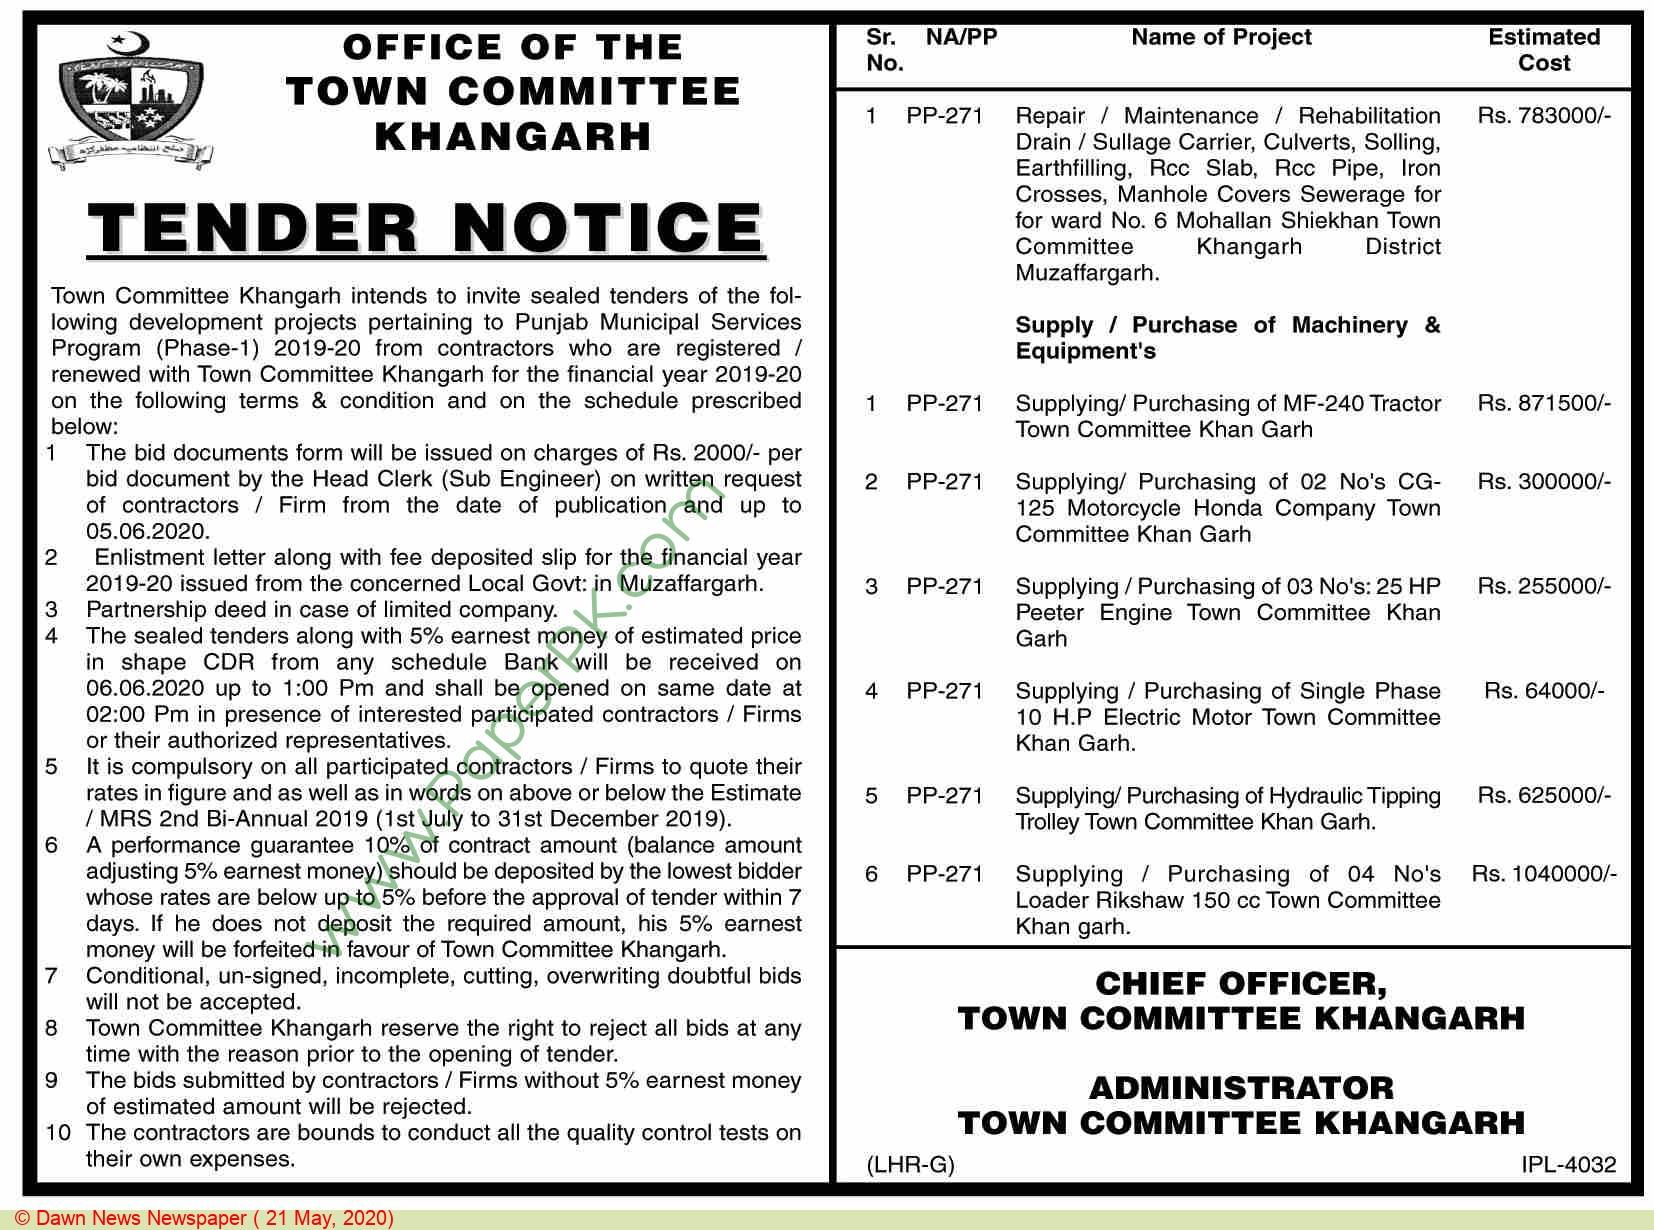 Town Comittee Khangarh Tender Notice